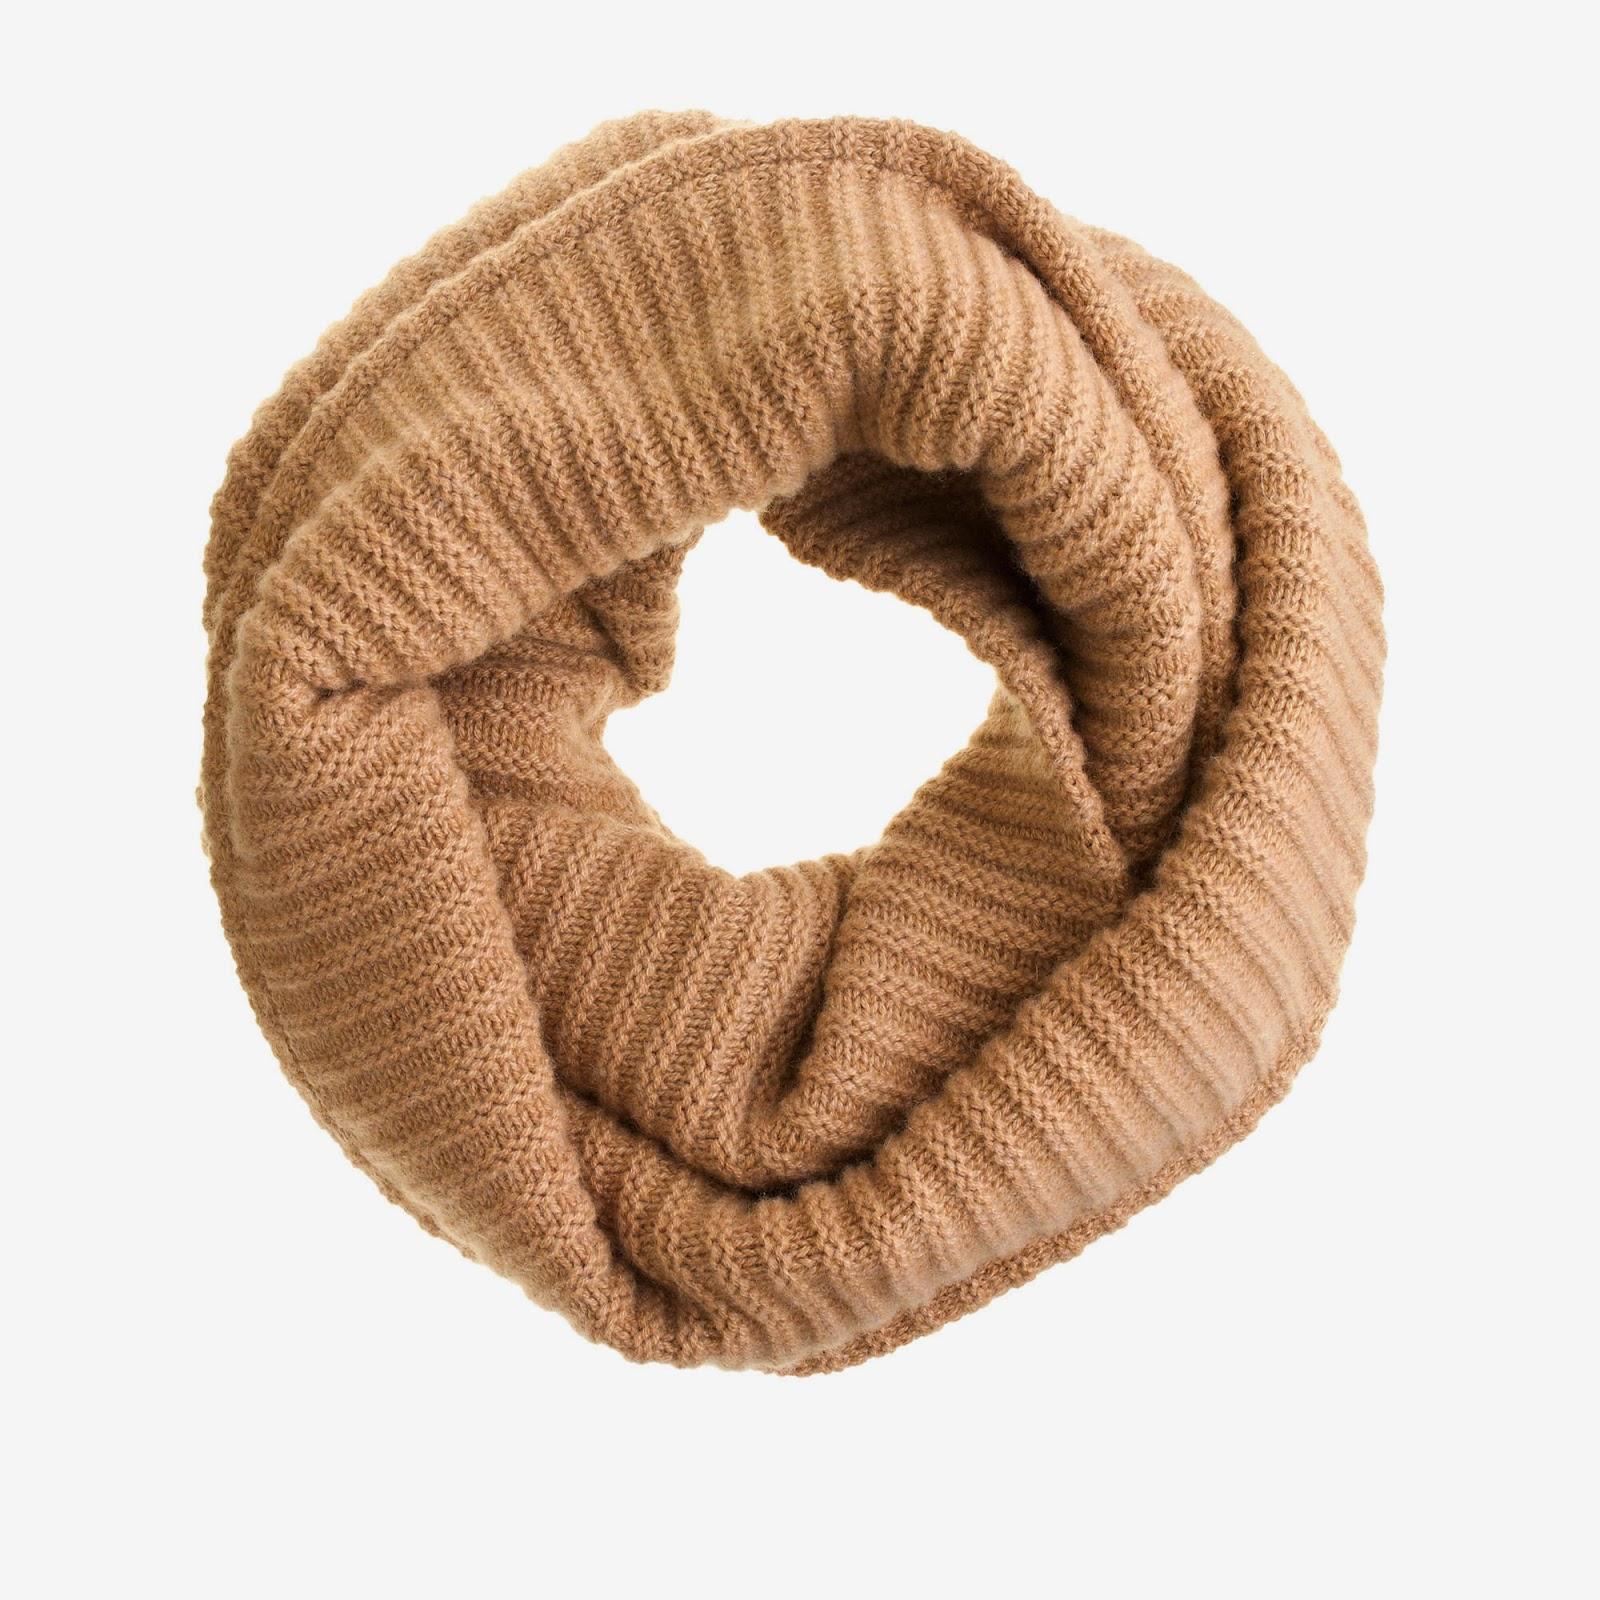 https://www.jcrew.com/es/womens_category/accessories/scarves/PRDOVR~B5140/B5140.jsp?srcCode=AFFI00001&siteId=Hy3bqNL2jtQ-9JTdxL%2FVFMAHiHe739J3rQ